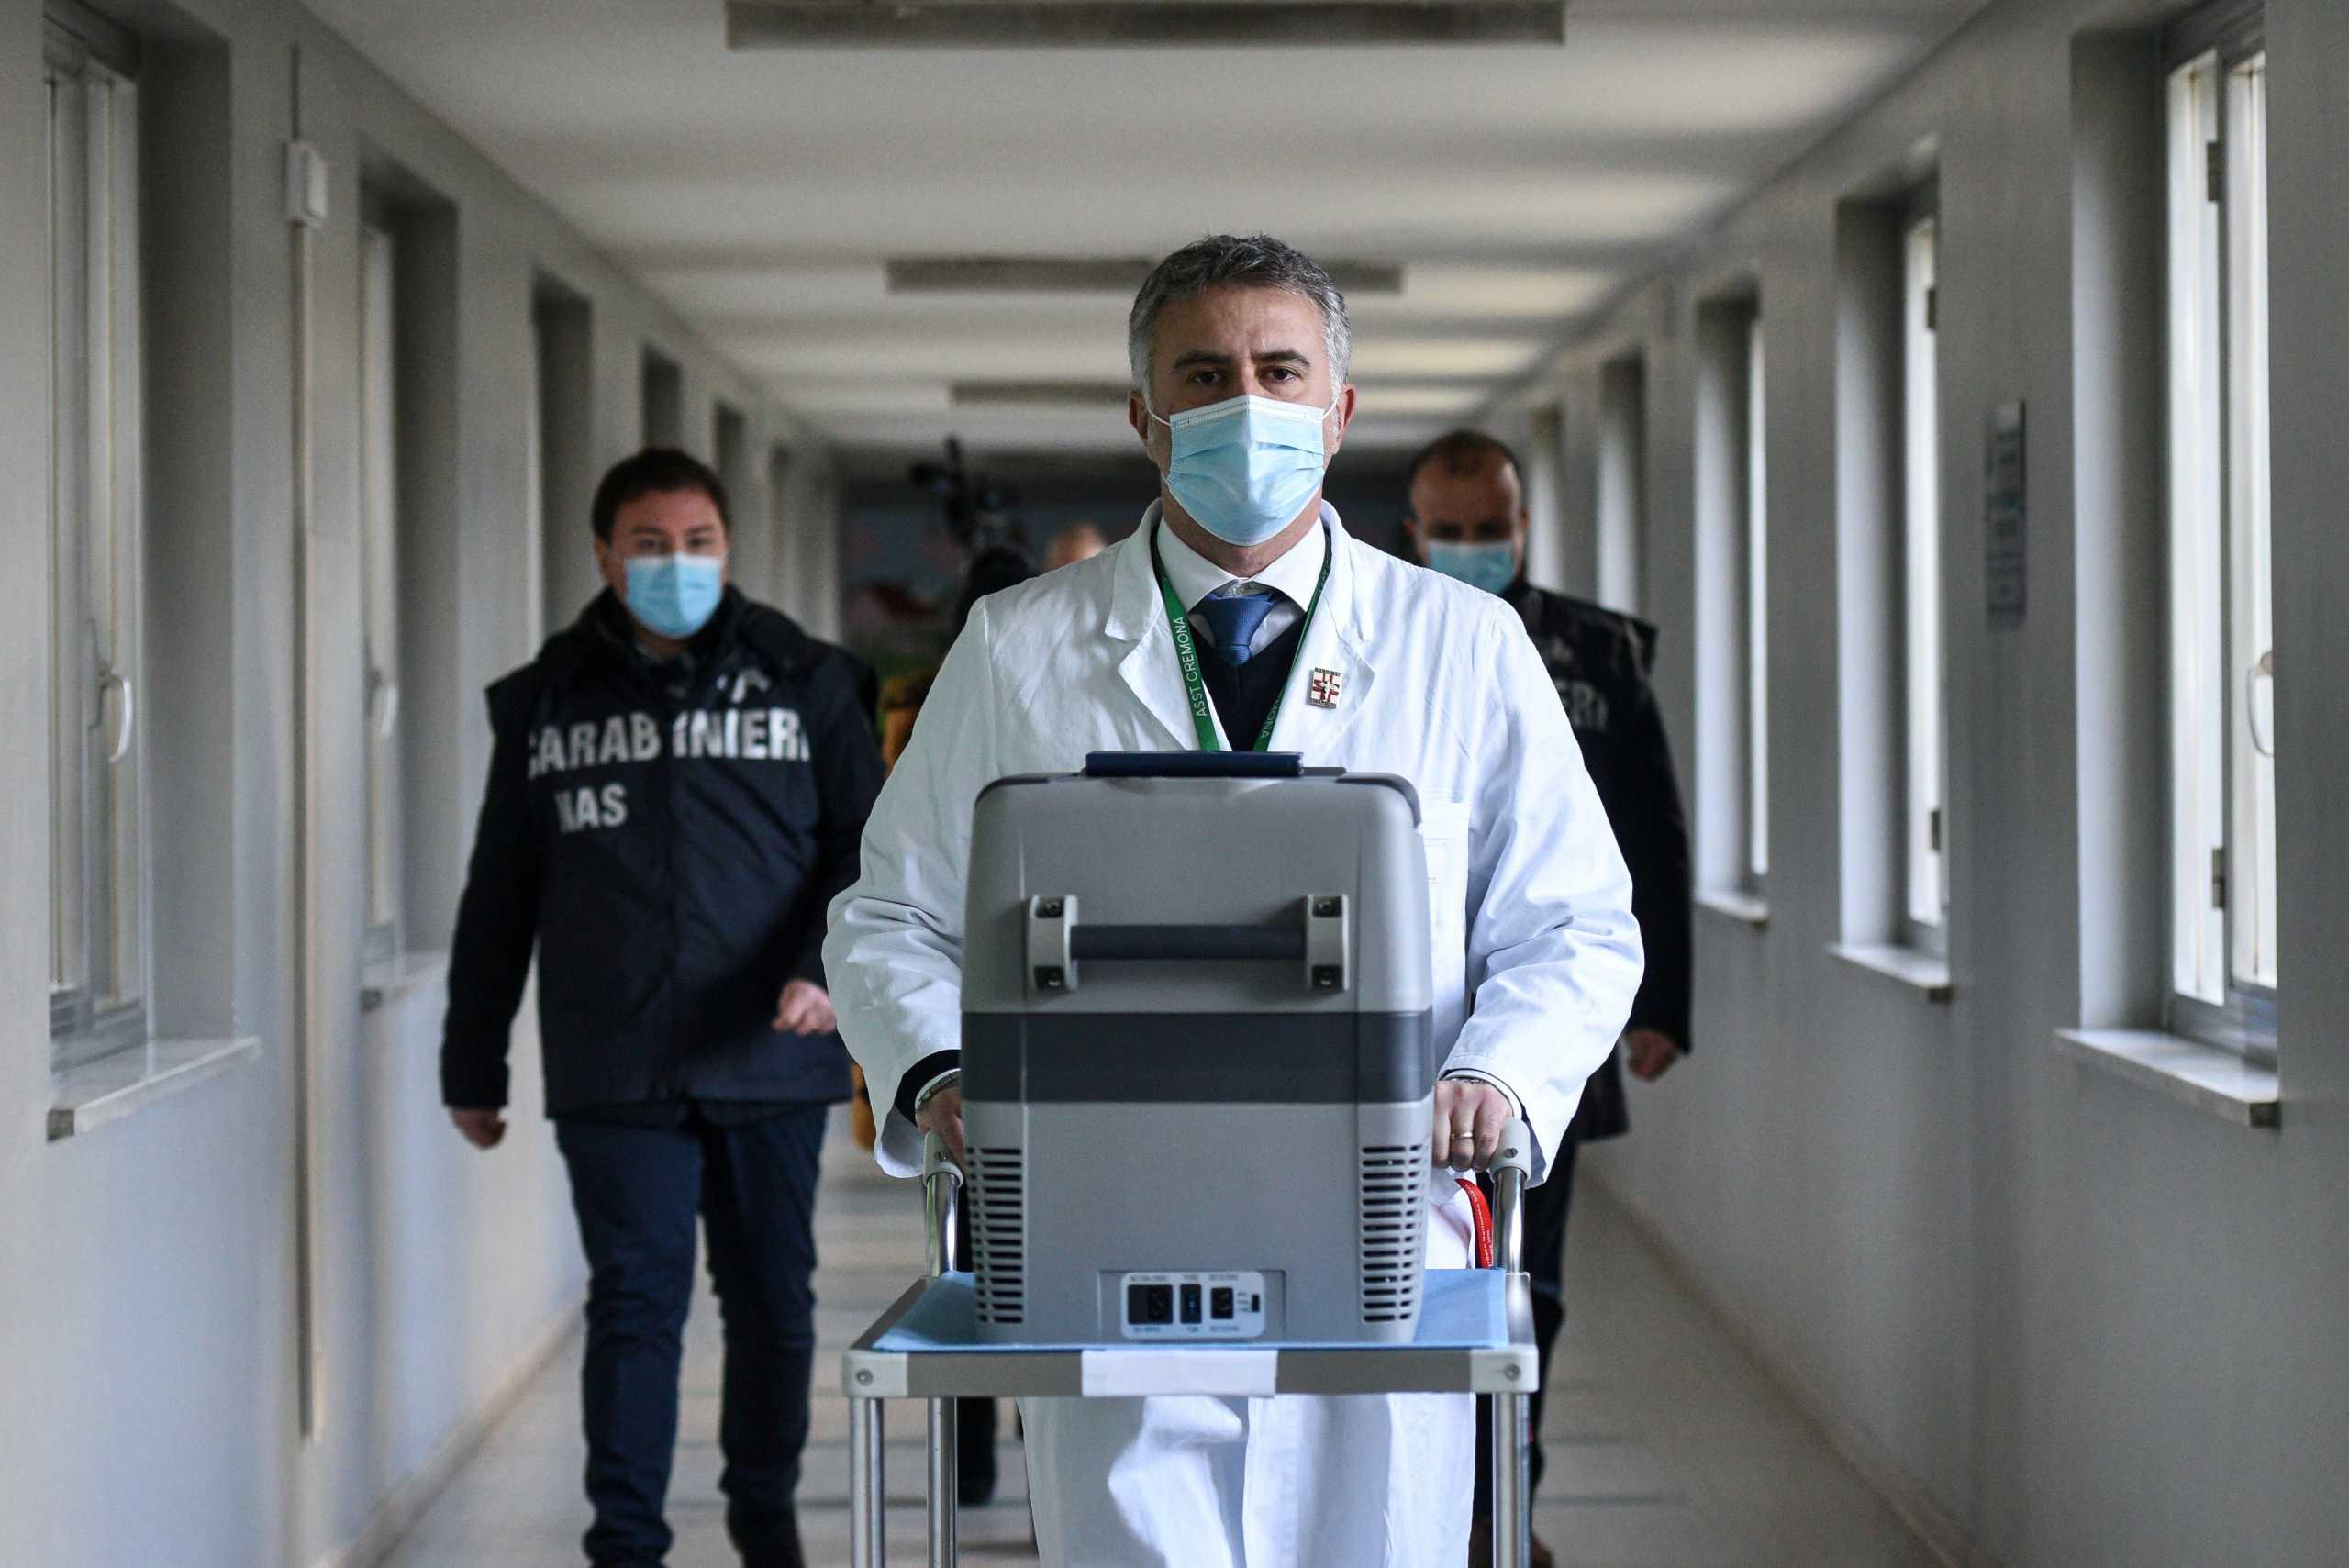 ΕΕ: «Κάηκε στον χυλό» και προετοιμάζεται για εμβόλια και μελλοντικές πανδημίες